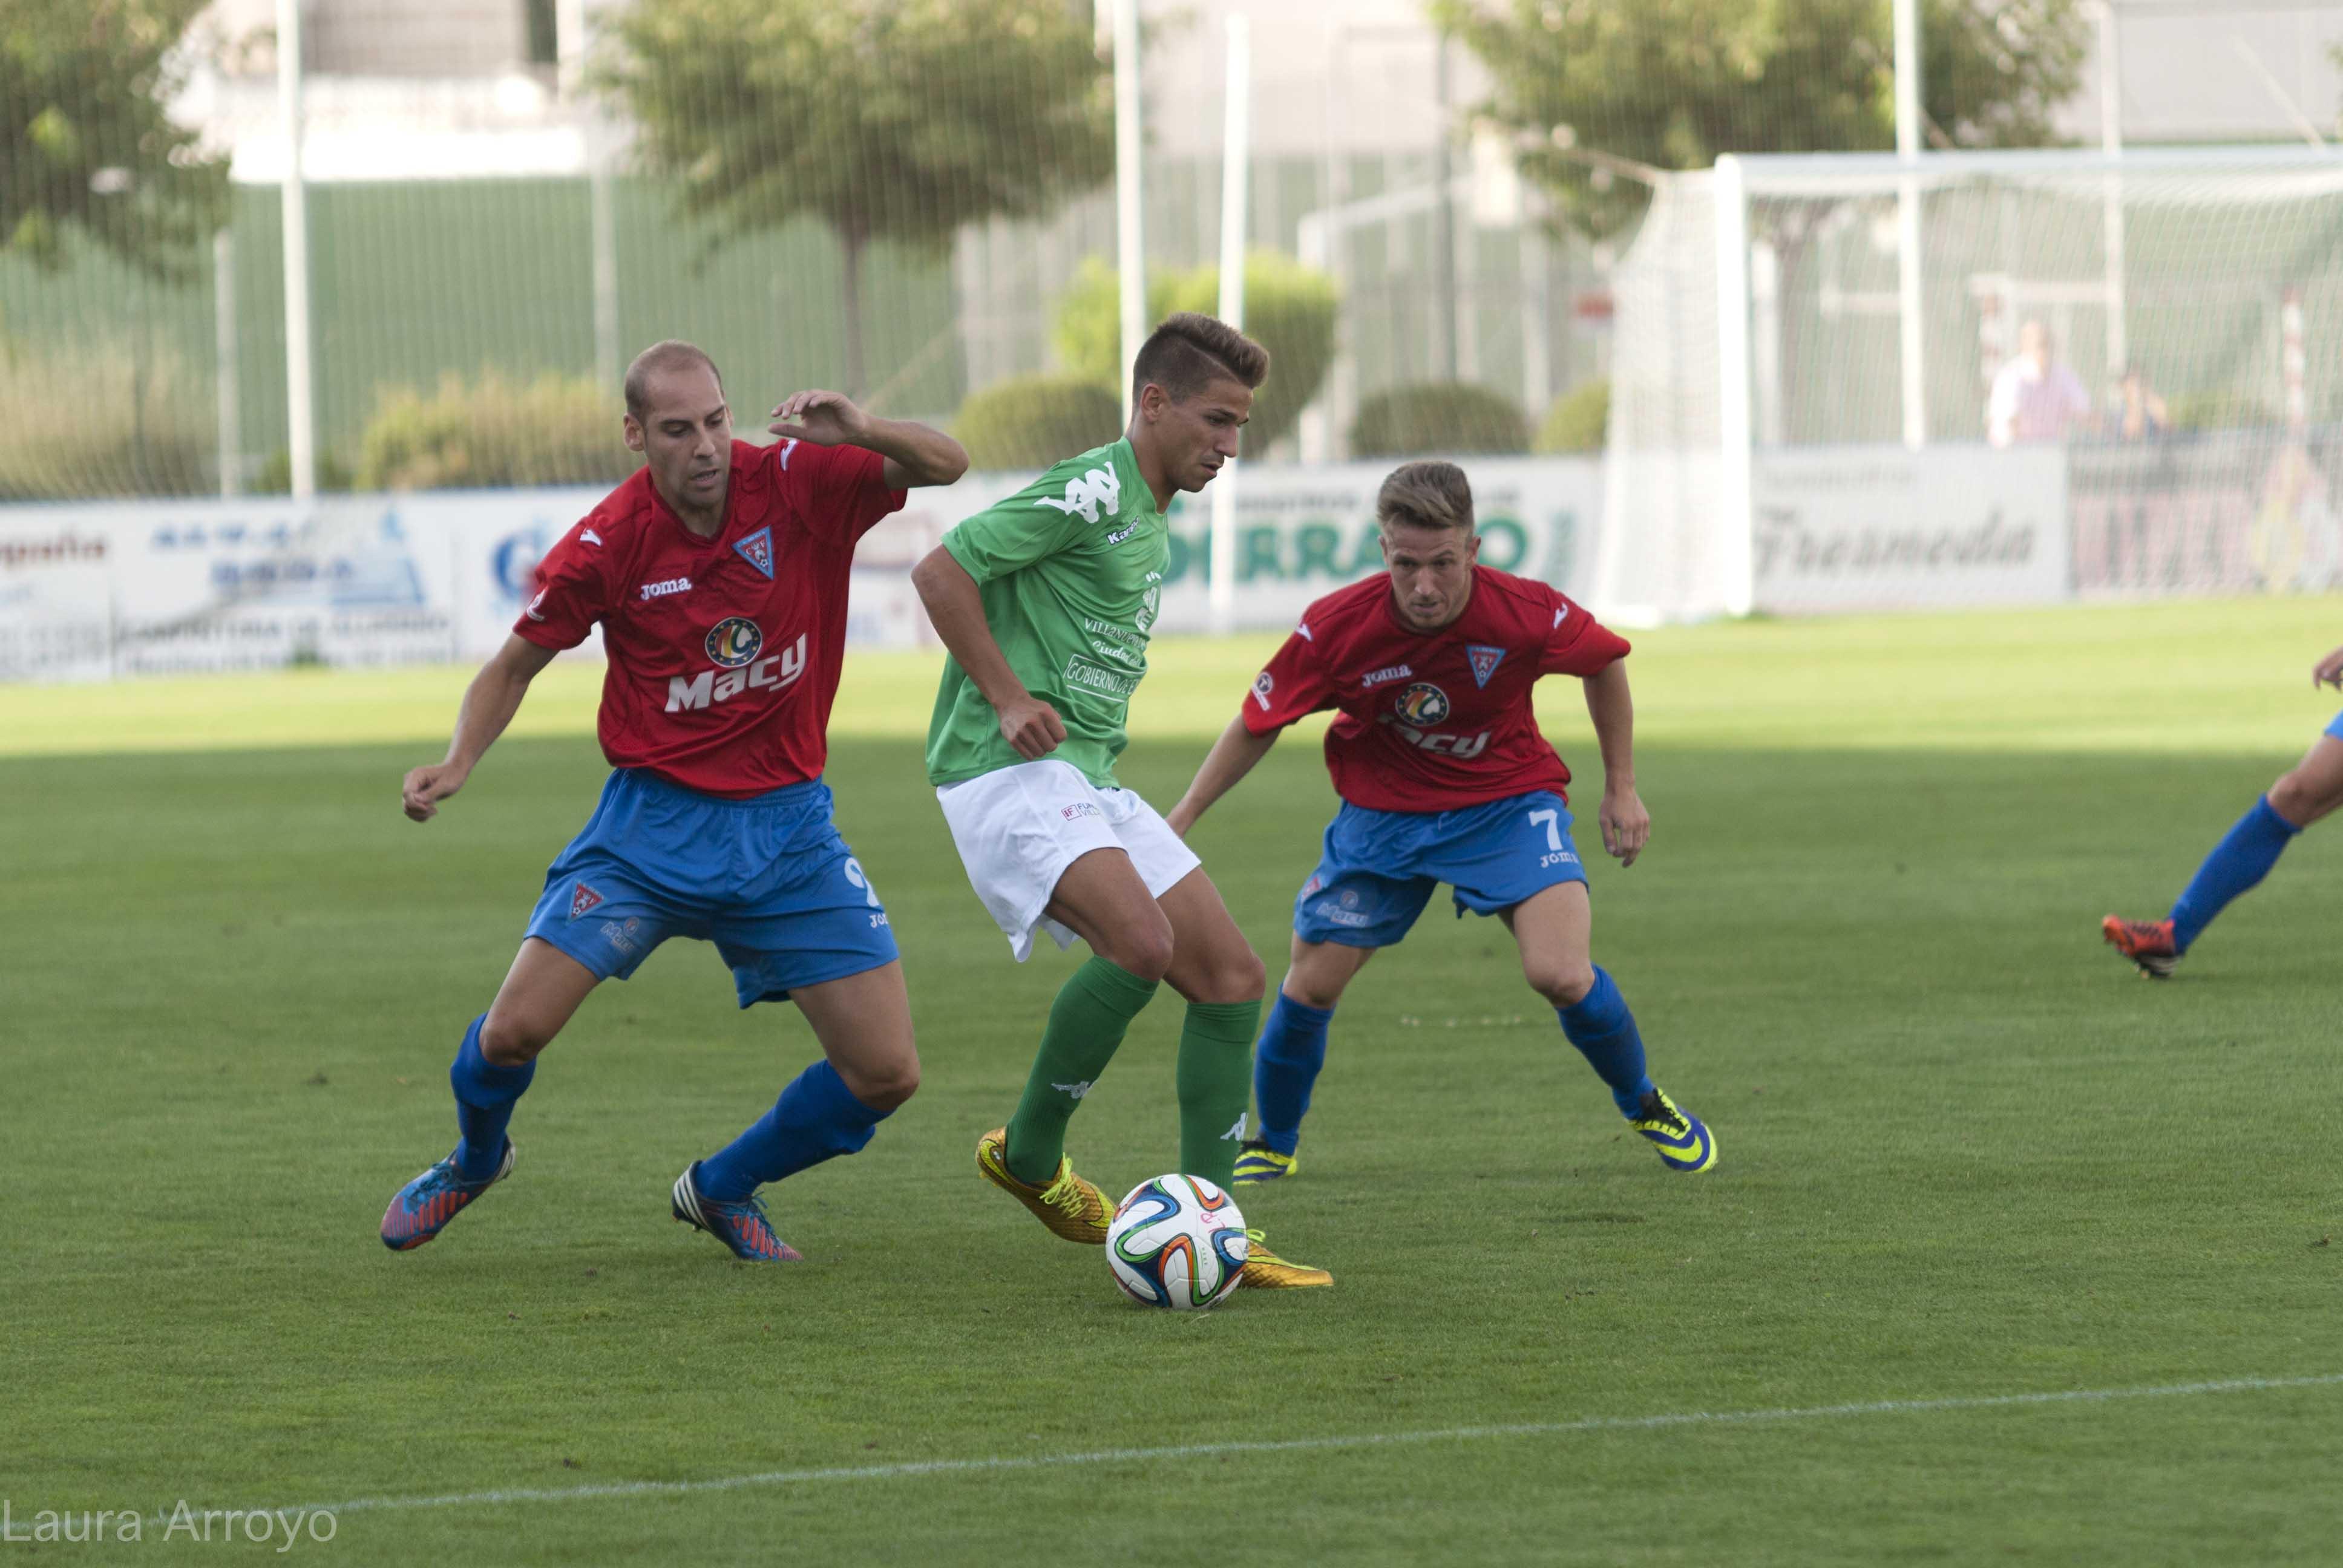 La Roda CF - Villanovense (Foto: Laura Arroyo)